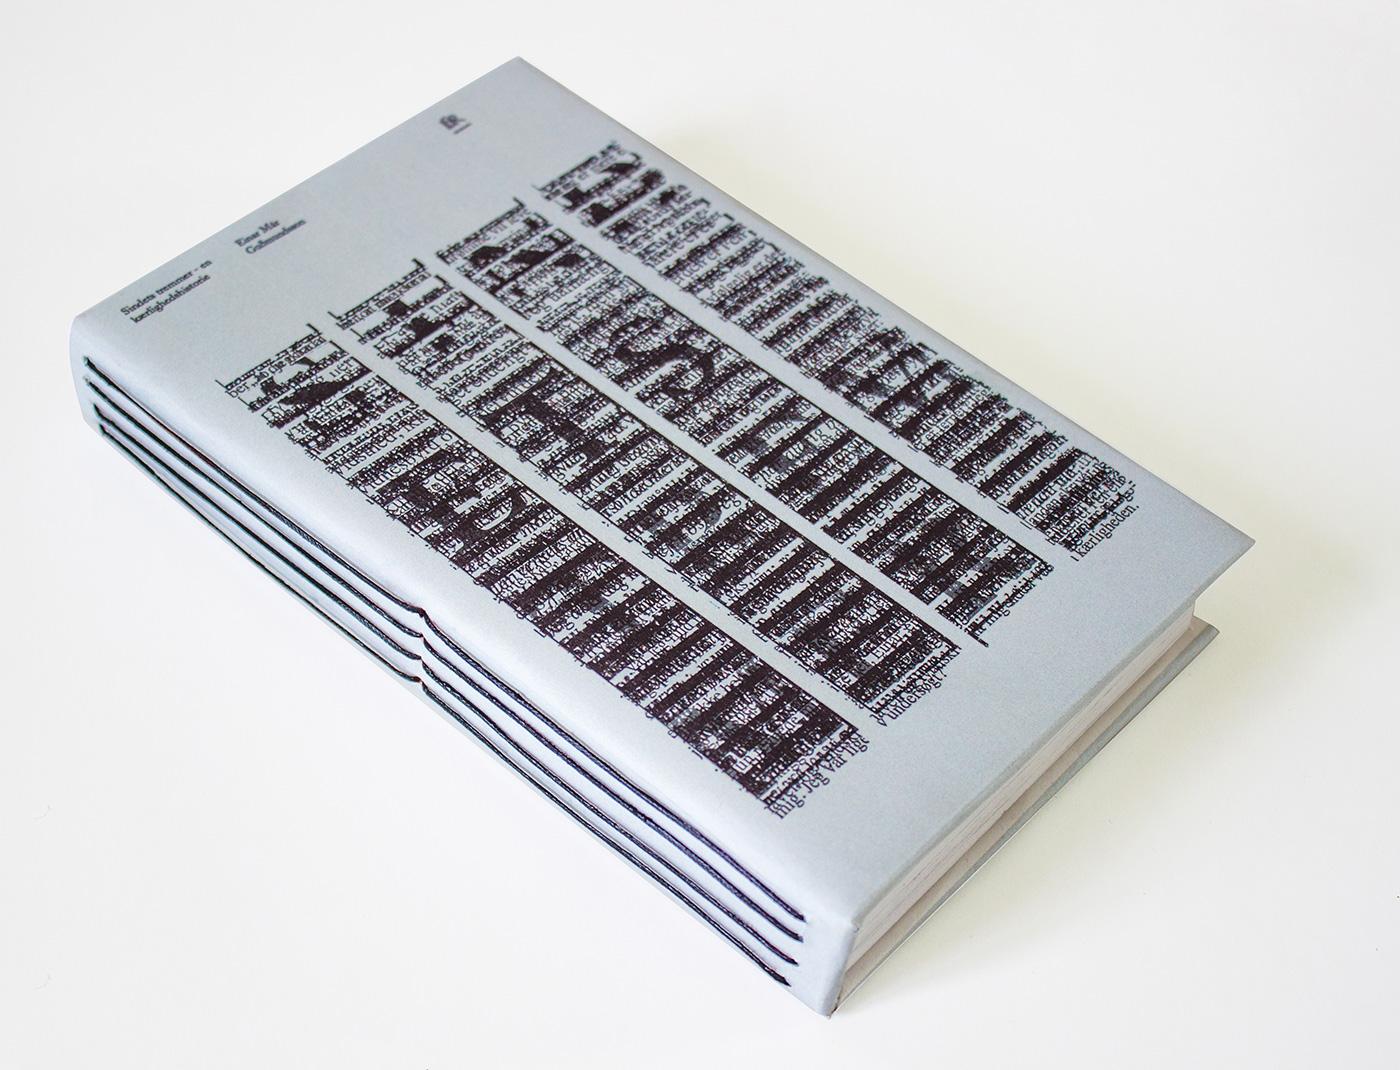 book_cover_design_artist_kunstner_graphic_designer_grafisk_designer_marie_broegger_layout_typografi_typography-8